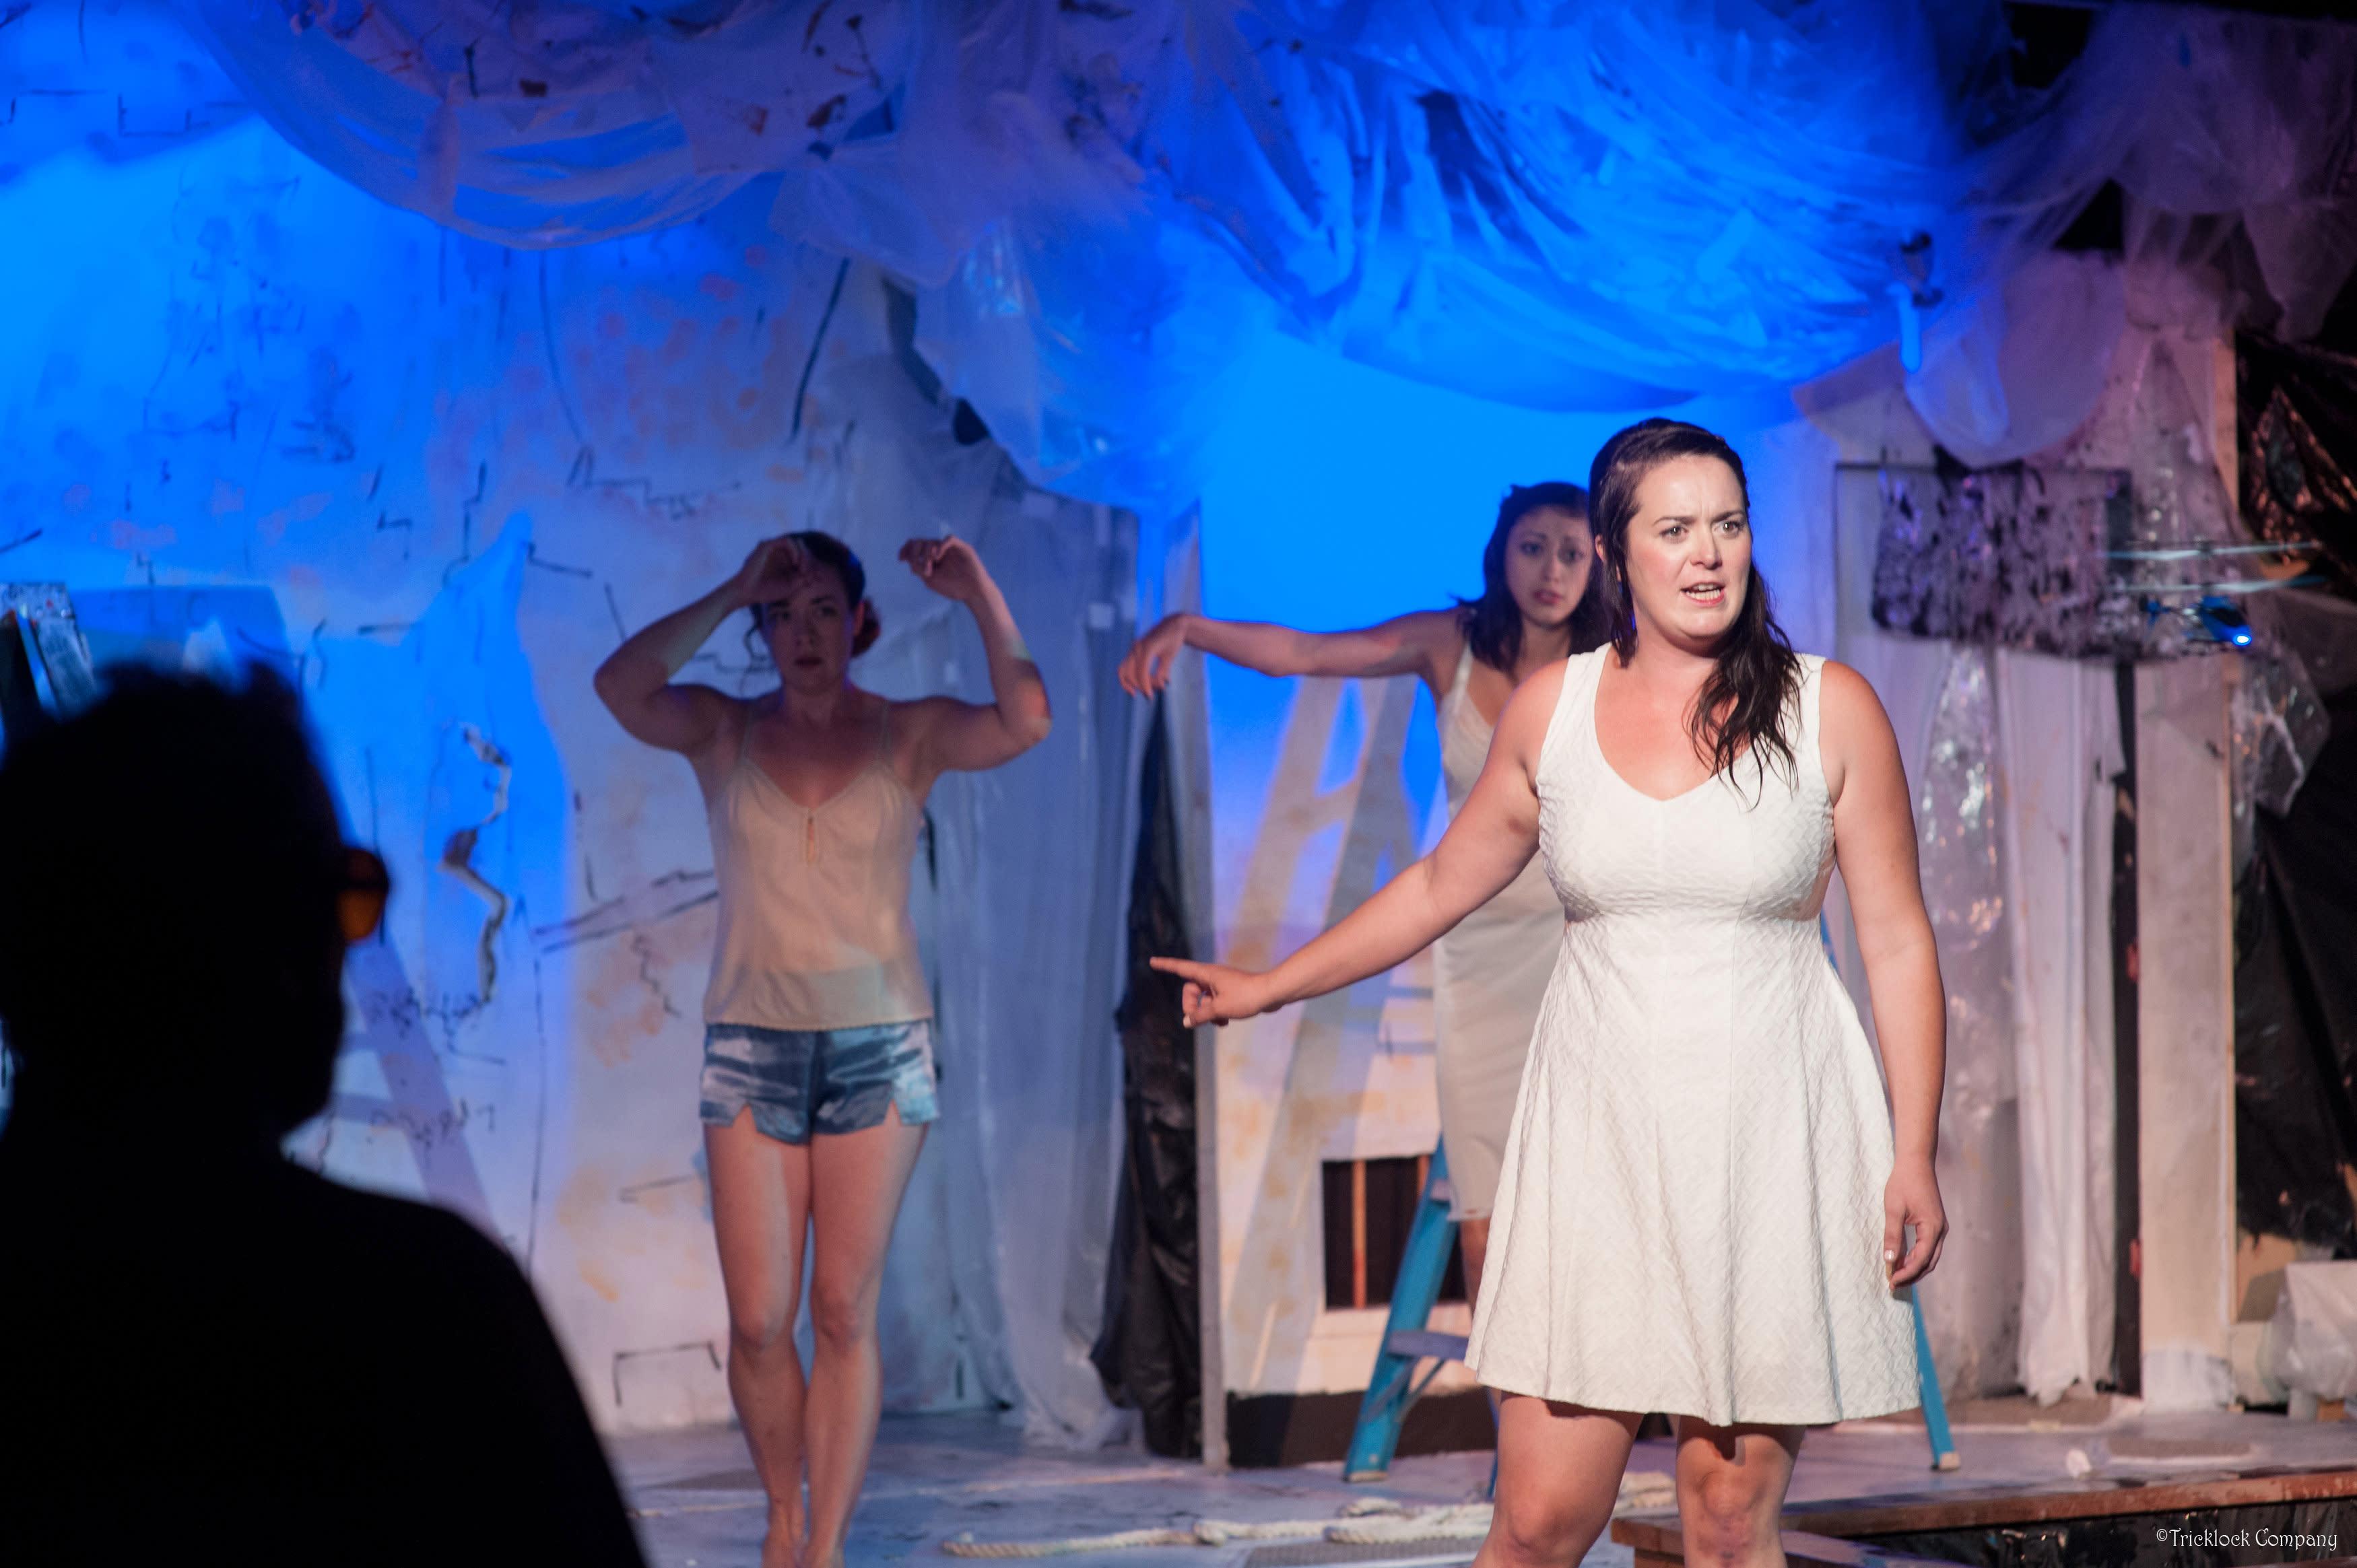 Revolutions Theatre Festival by Tricklock Company